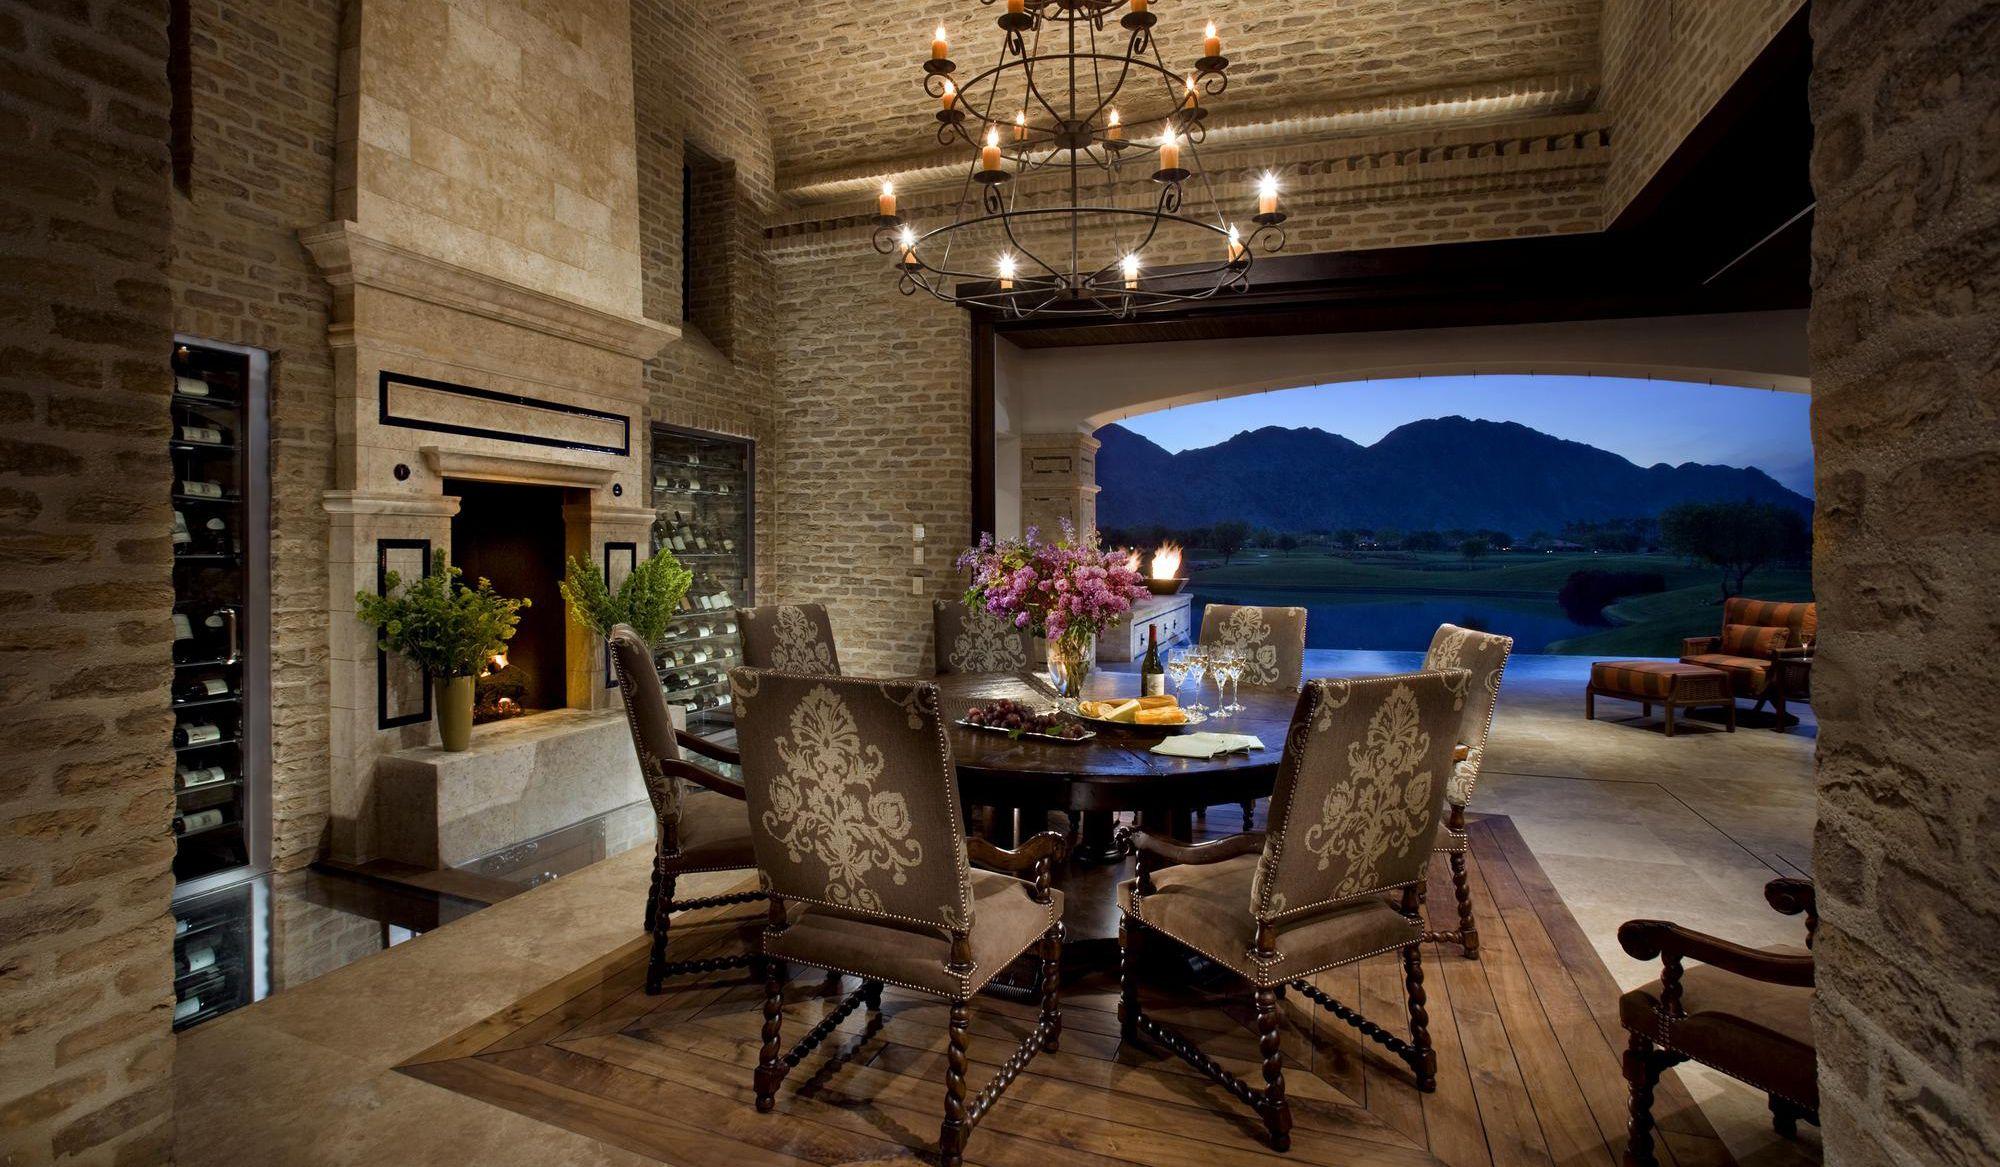 Eldorado Stone  Imagine  Designer's Portfolios  The Estancia Brilliant Eldorado Dining Room Design Inspiration